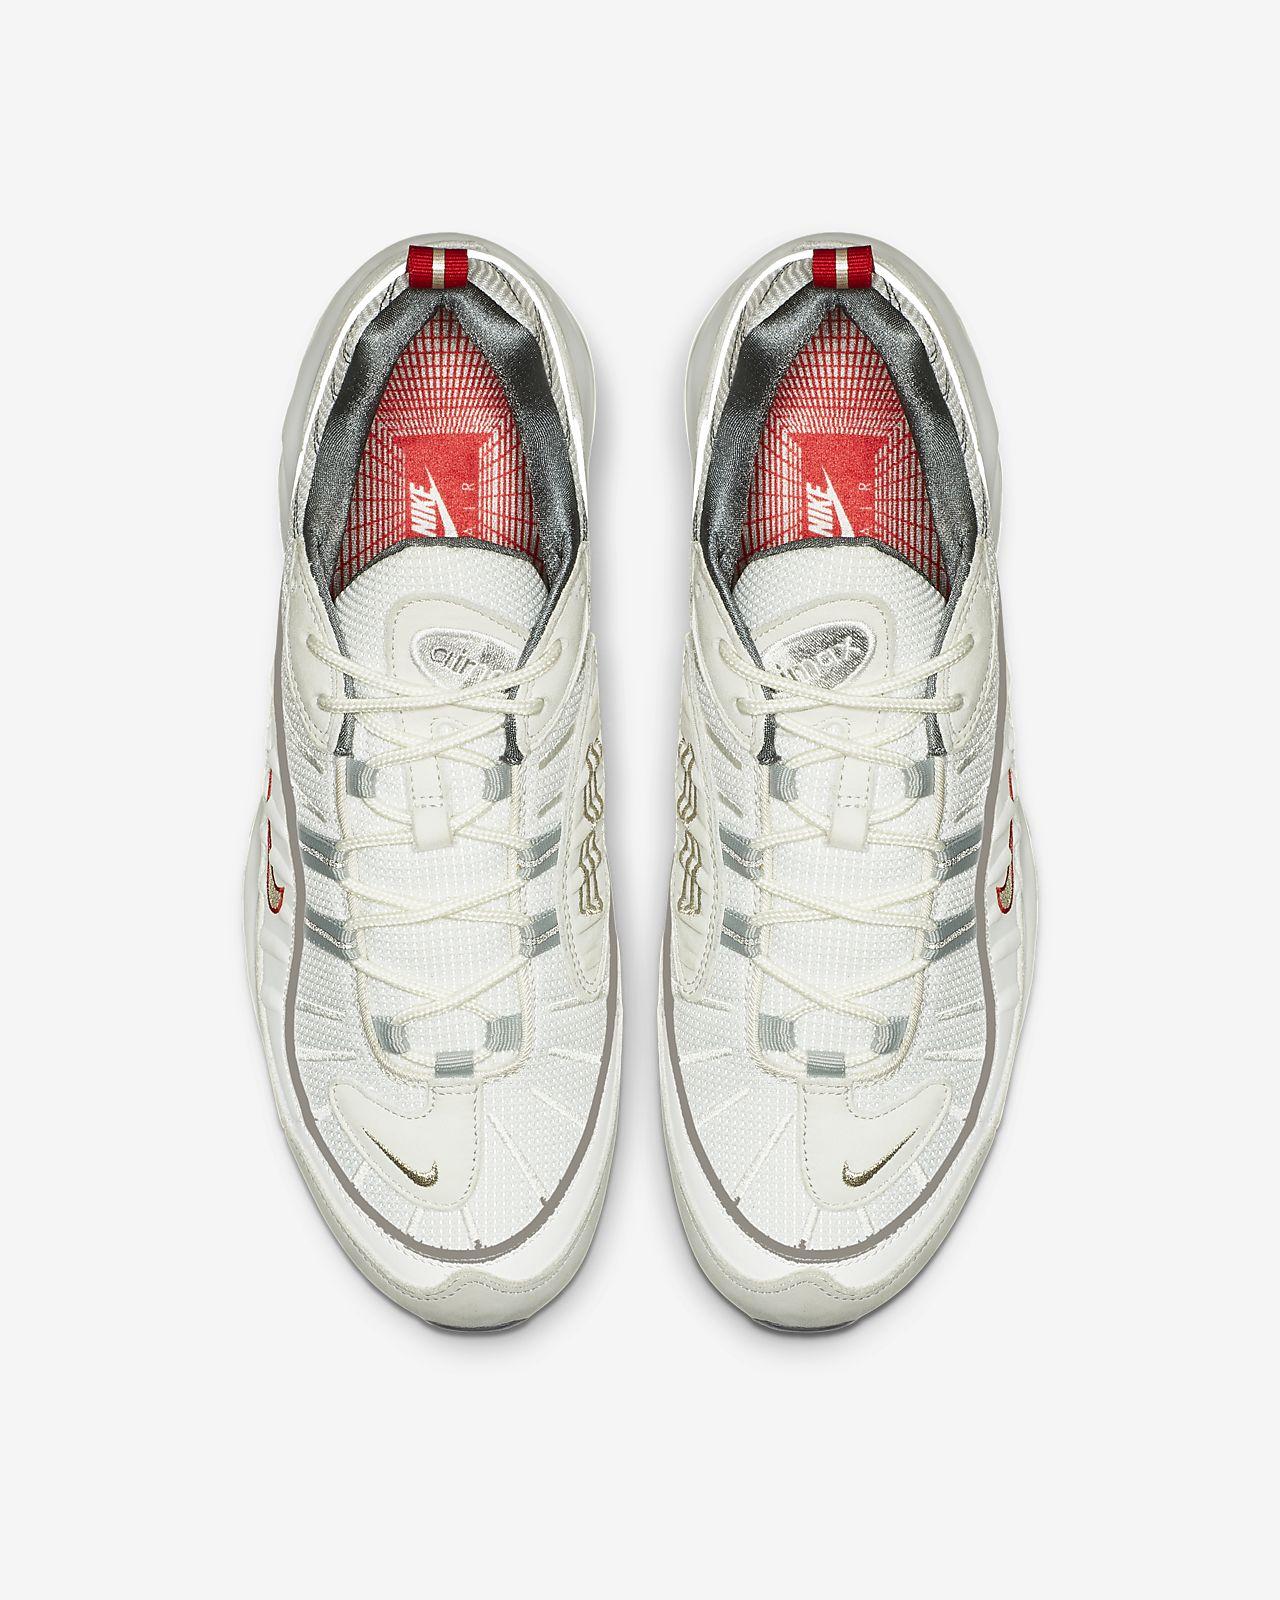 cc99679b5 Nike Air Max 98 Zapatillas - Hombre. Nike.com ES